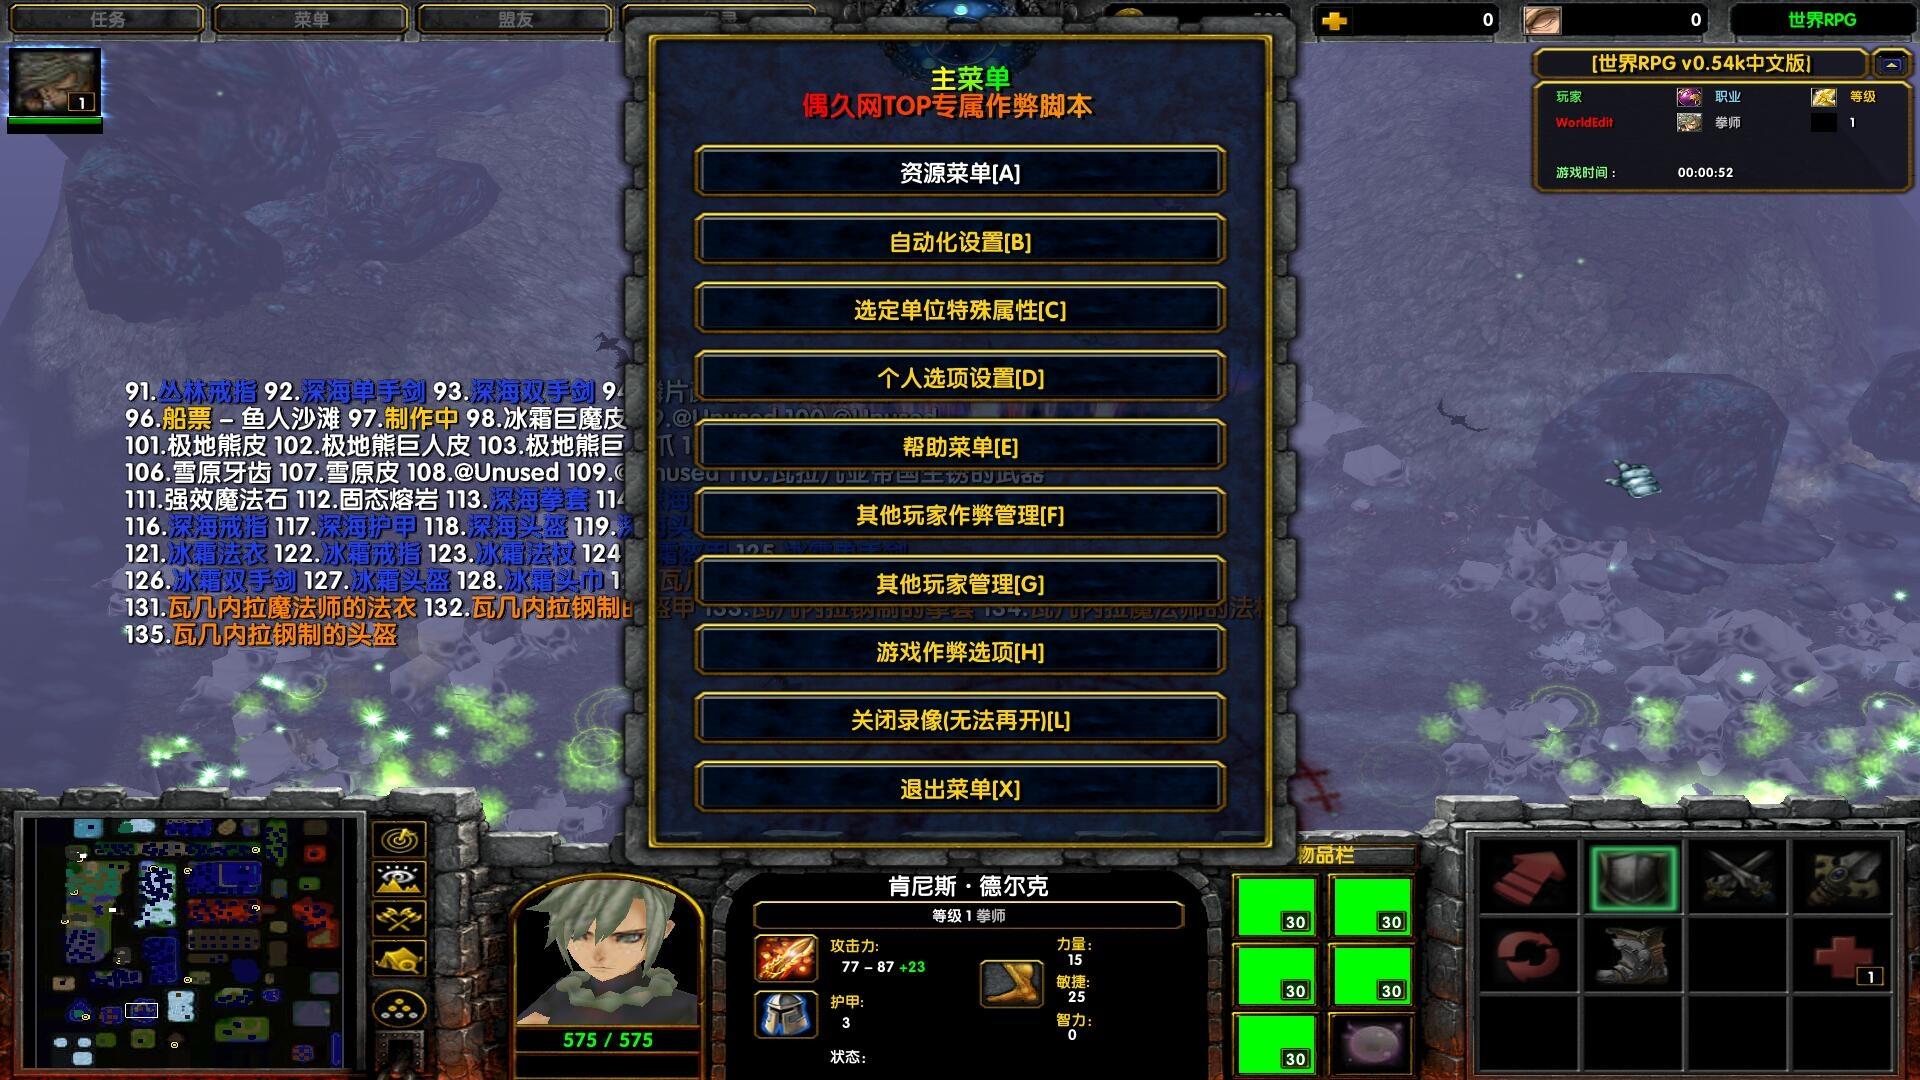 世界RPGv0.54k中文版TOP破解 可通档+无疲劳值+高爆几率+刷粉尘\结晶+刷物品+BOSS徽章